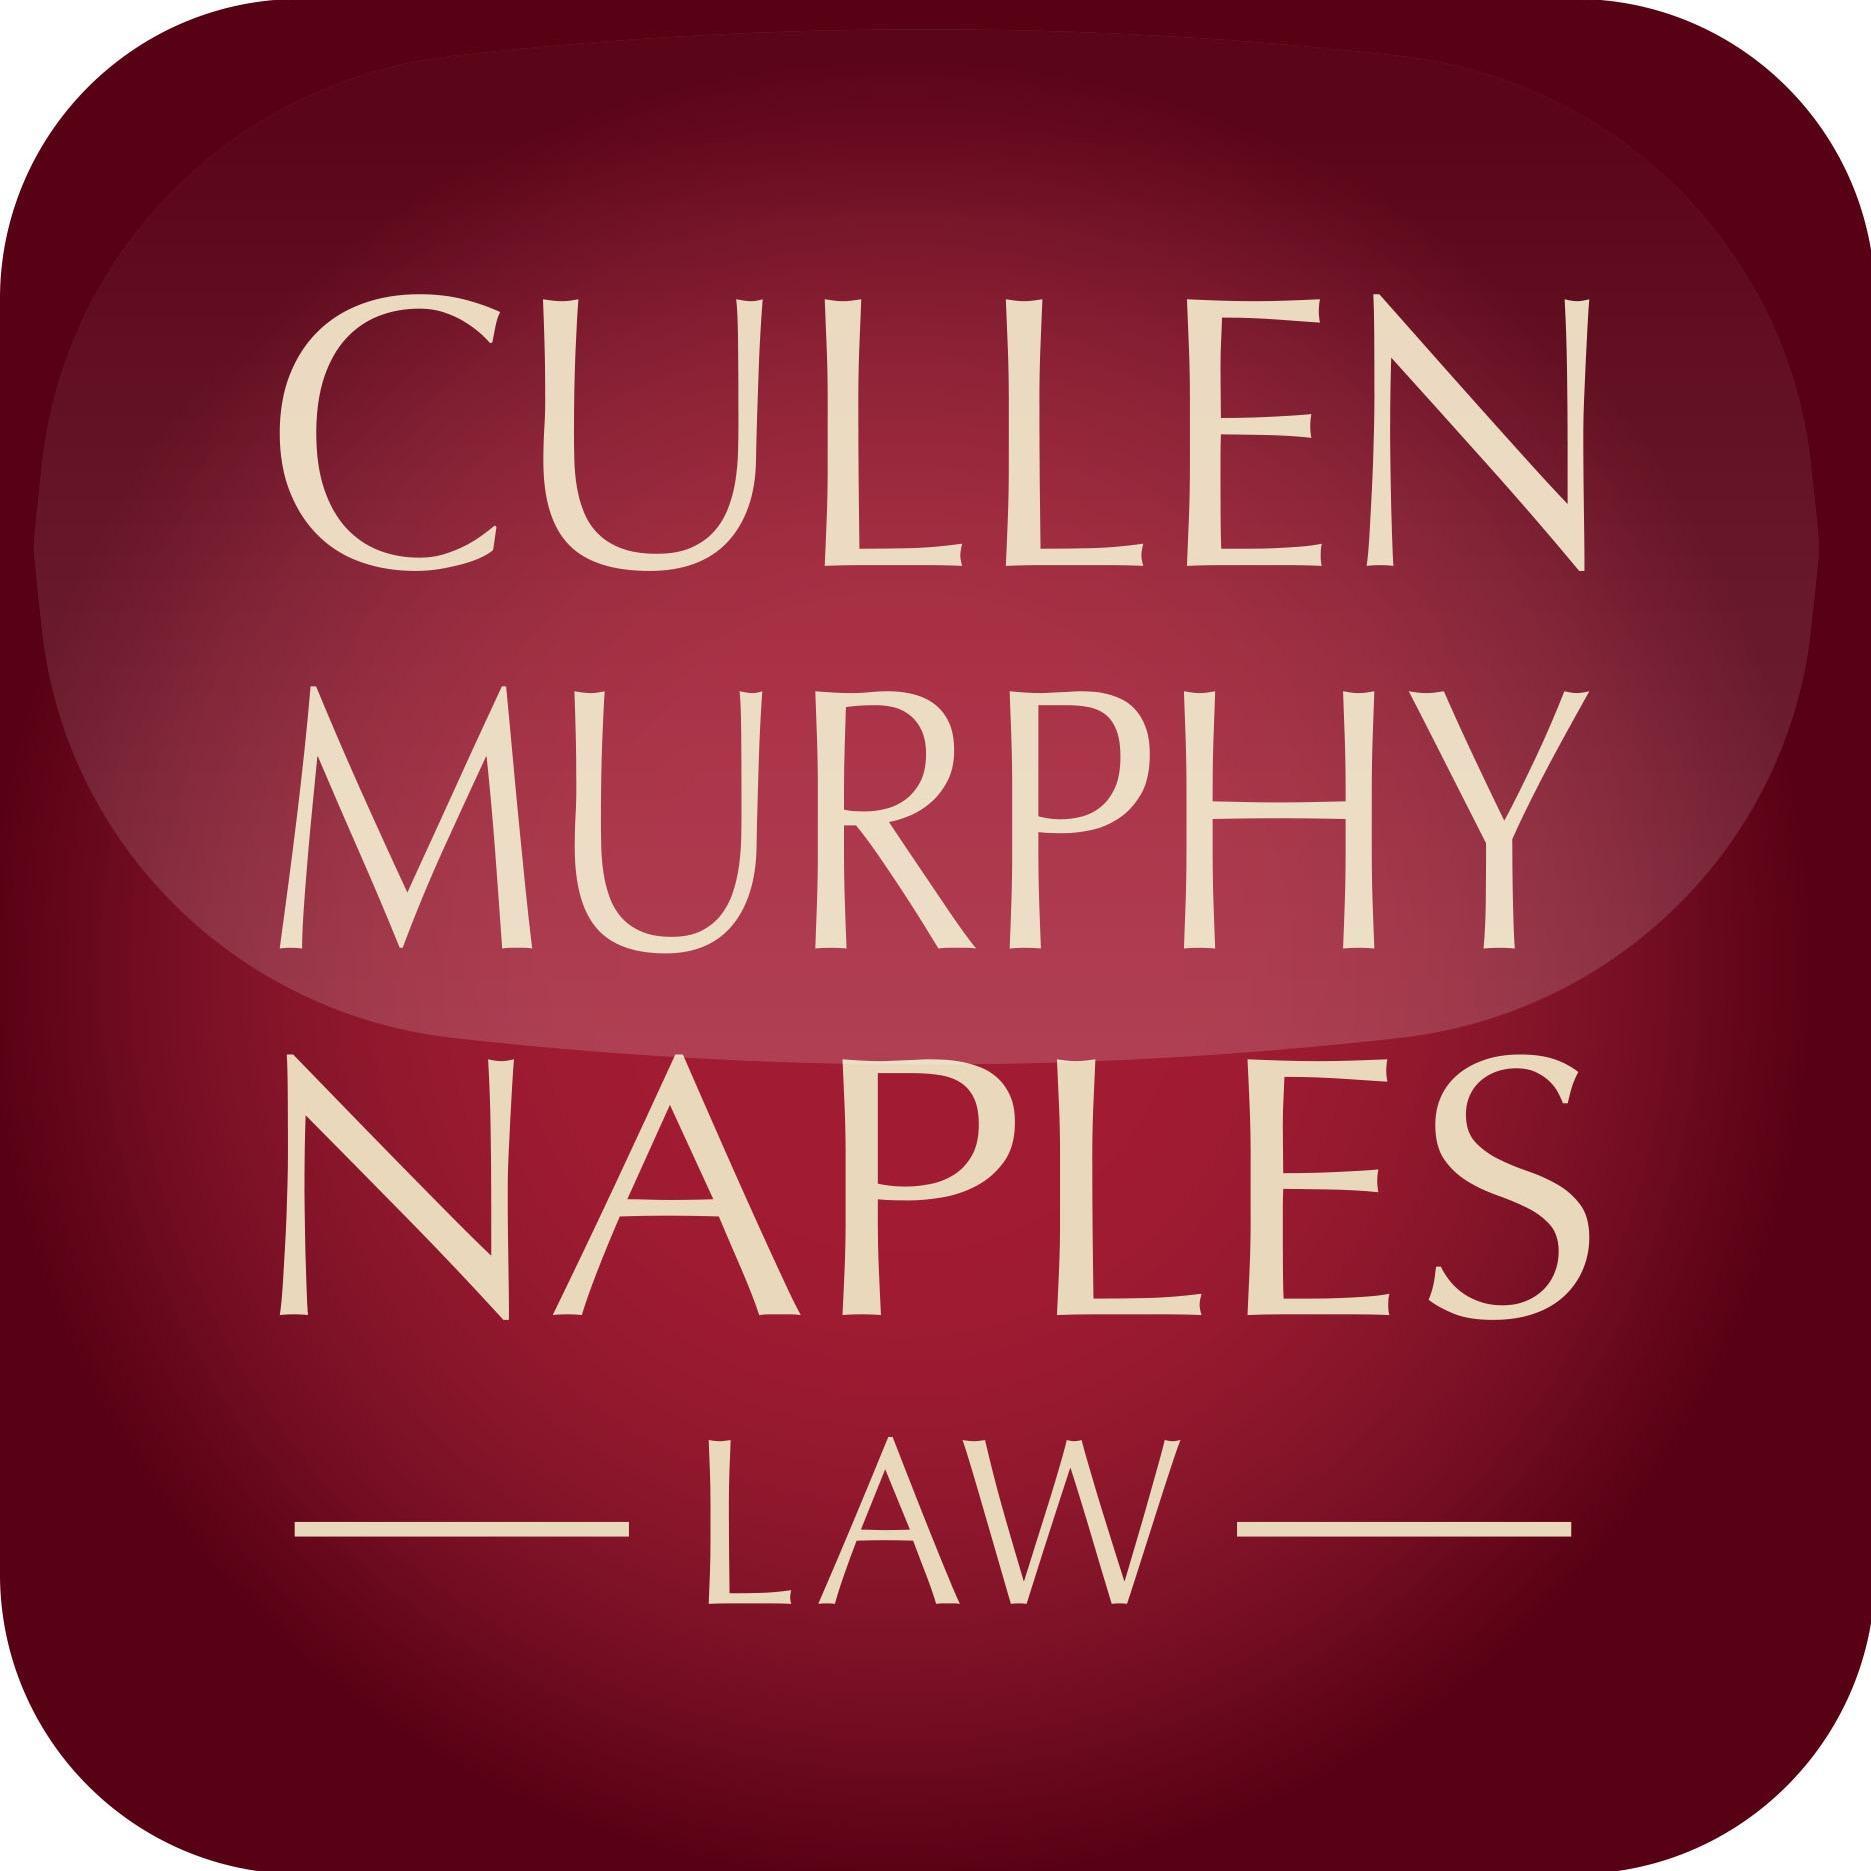 Cullen, Murphy & Naples image 4